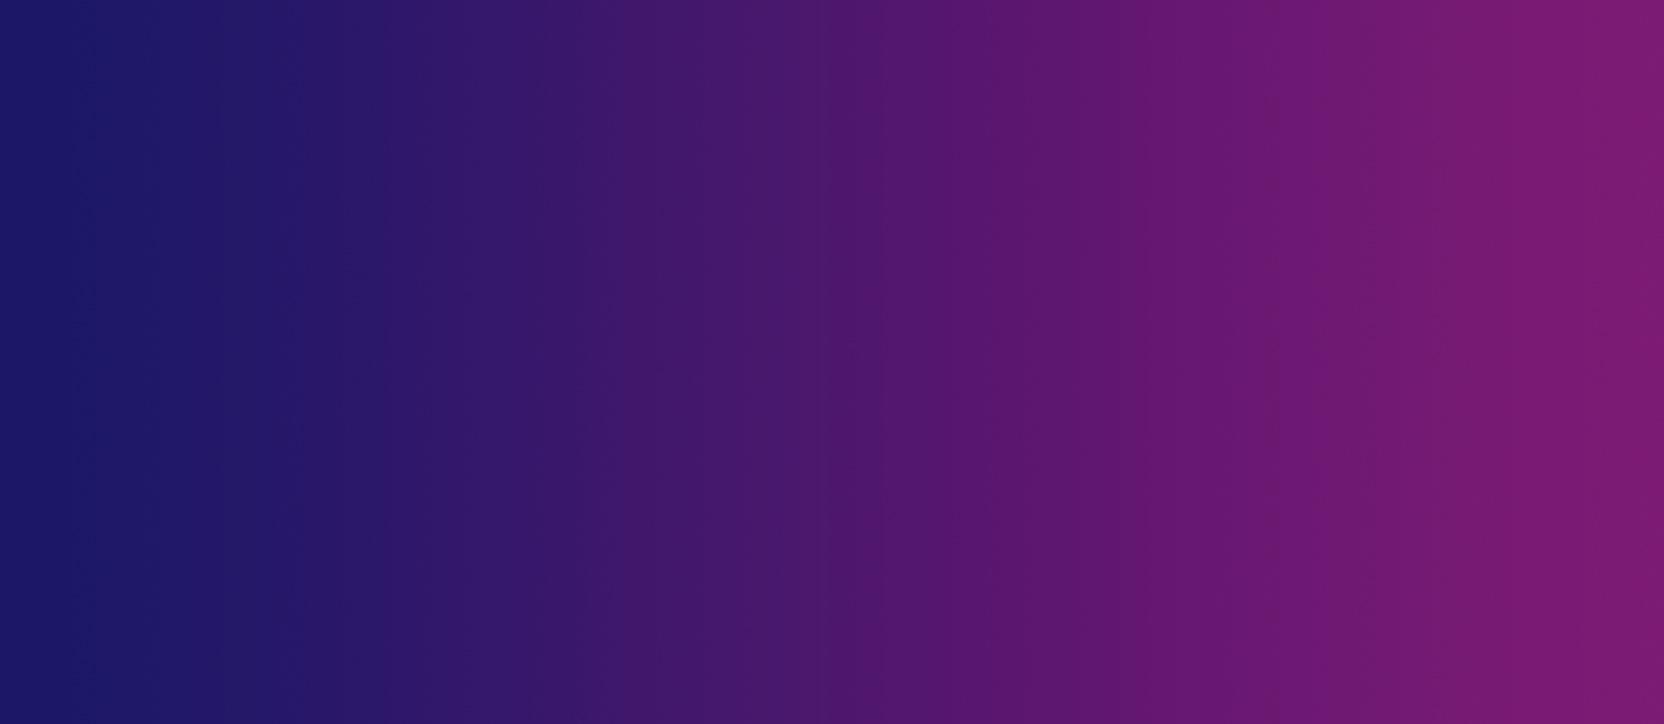 default-gradient-bg